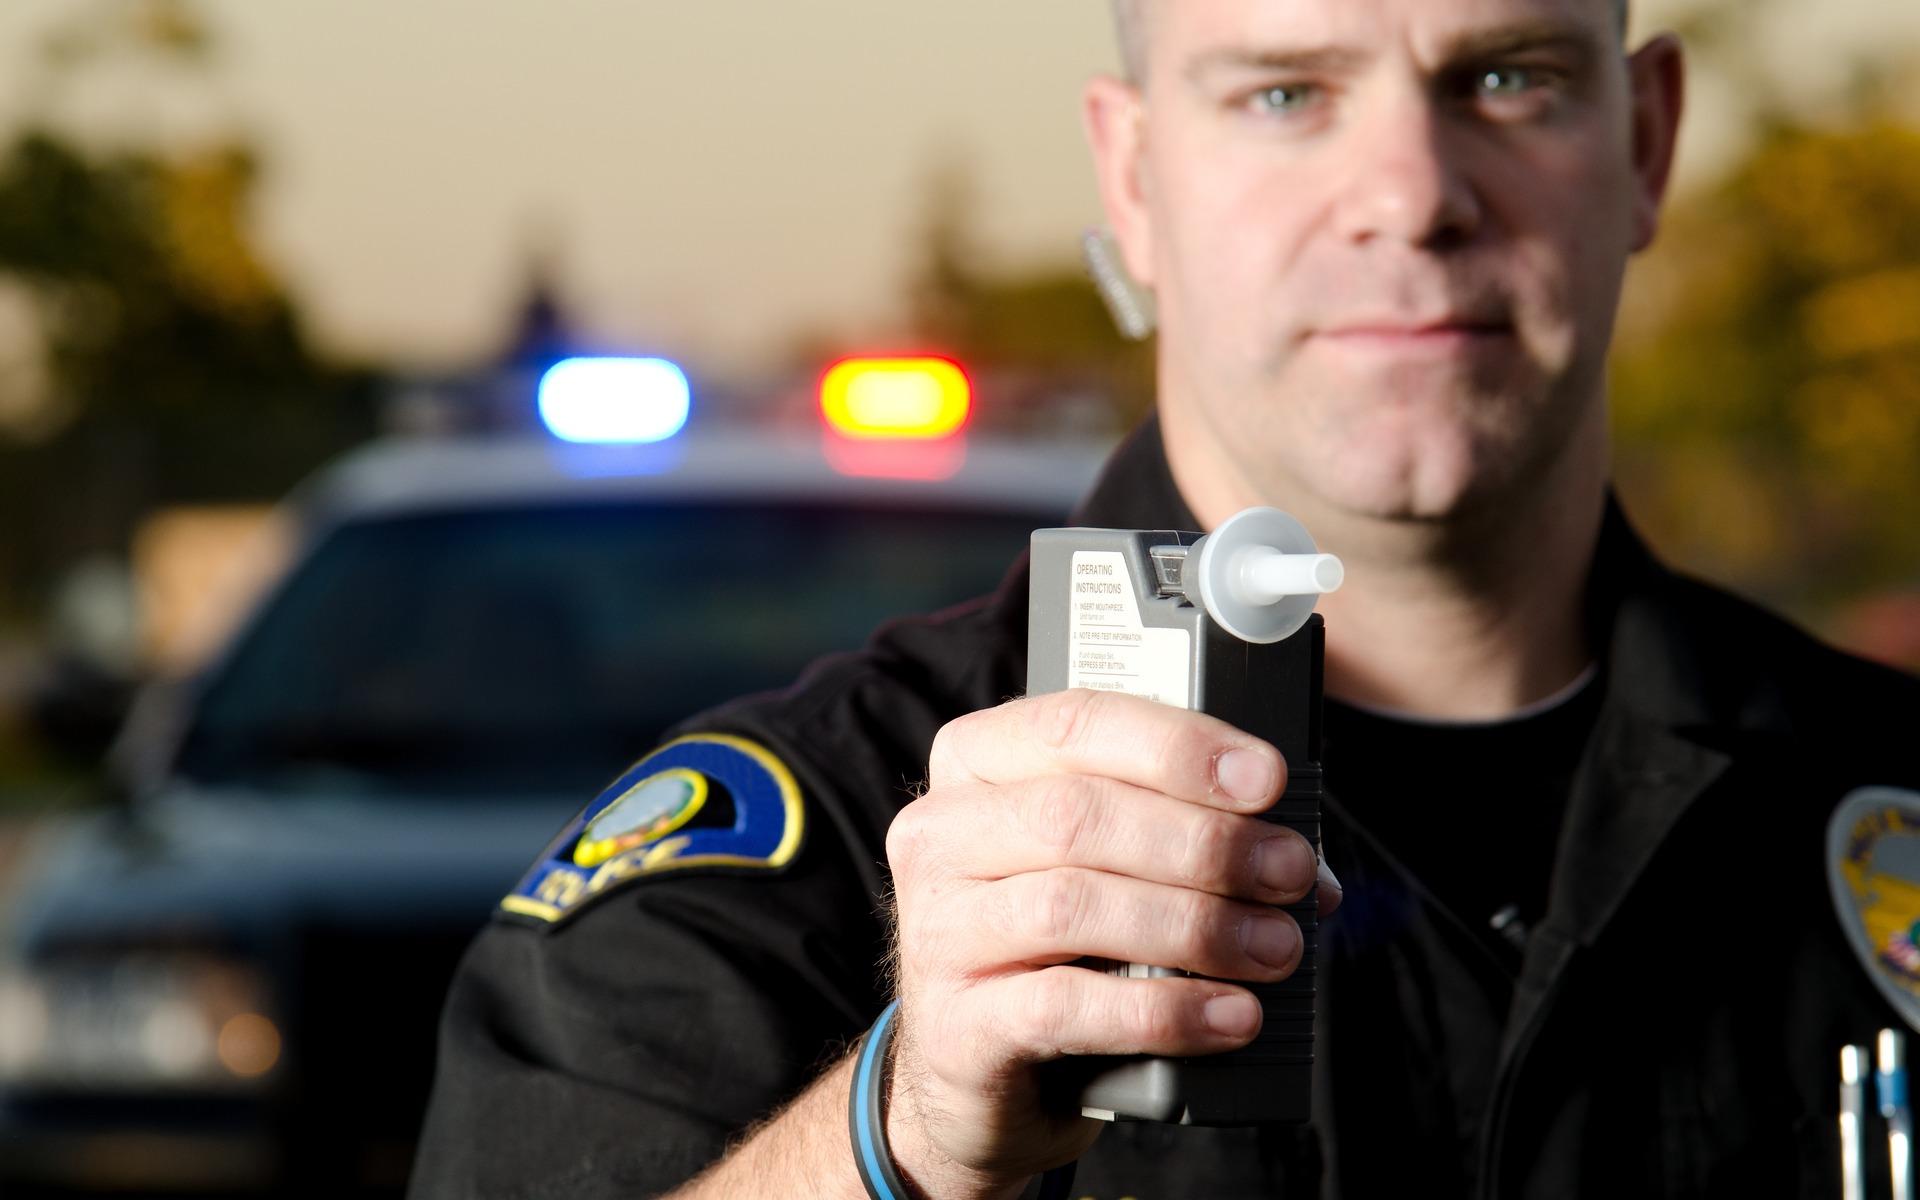 Est Ce Que Je Peux Me Faire Arreter Pour L Alcool Si Je Ne Suis Pas